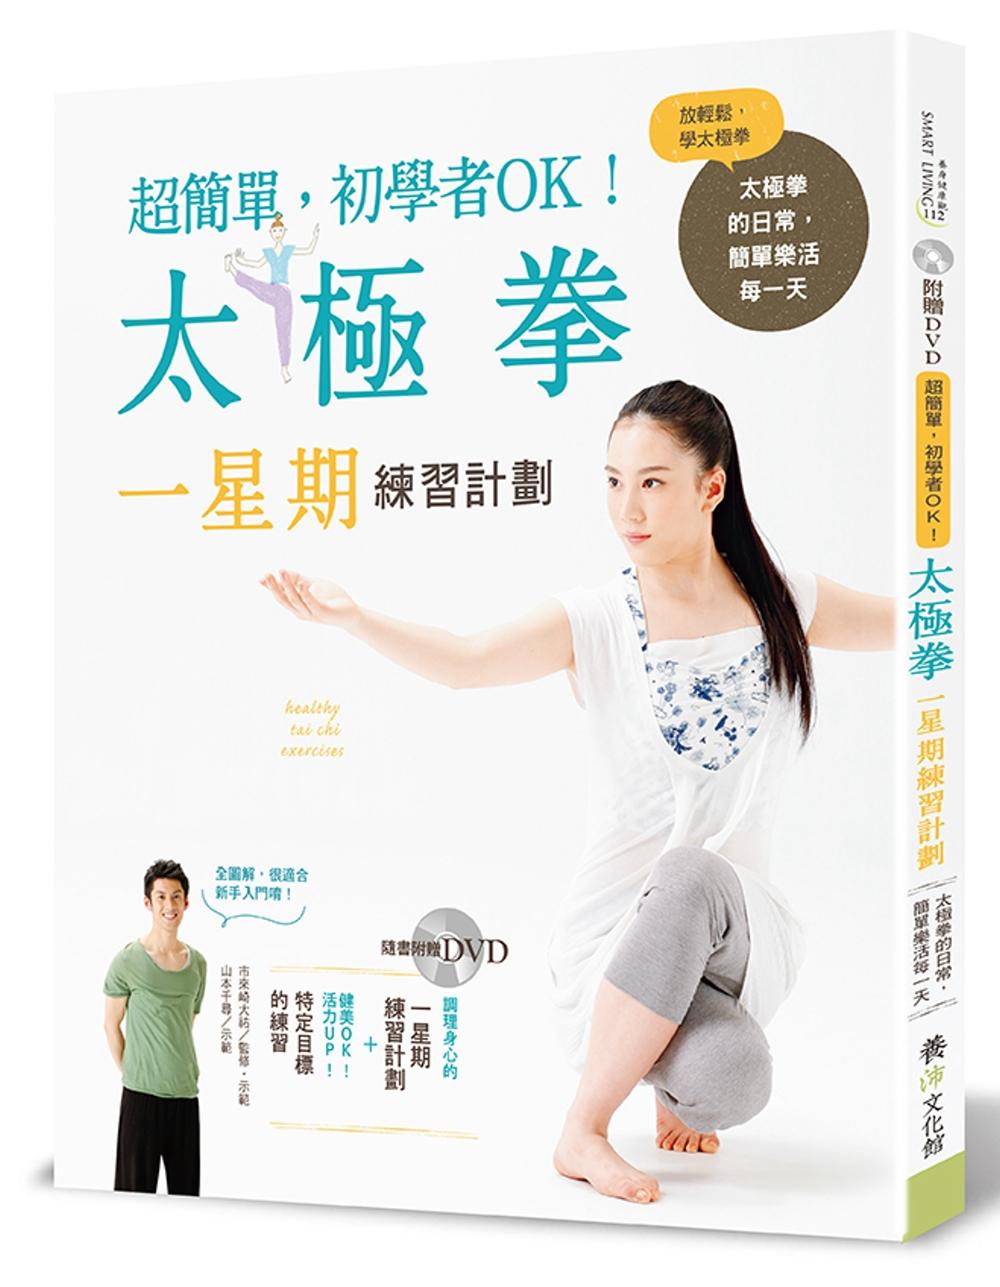 太極拳一星期練習計劃:超簡單,初學者OK!(隨書附贈DVD)